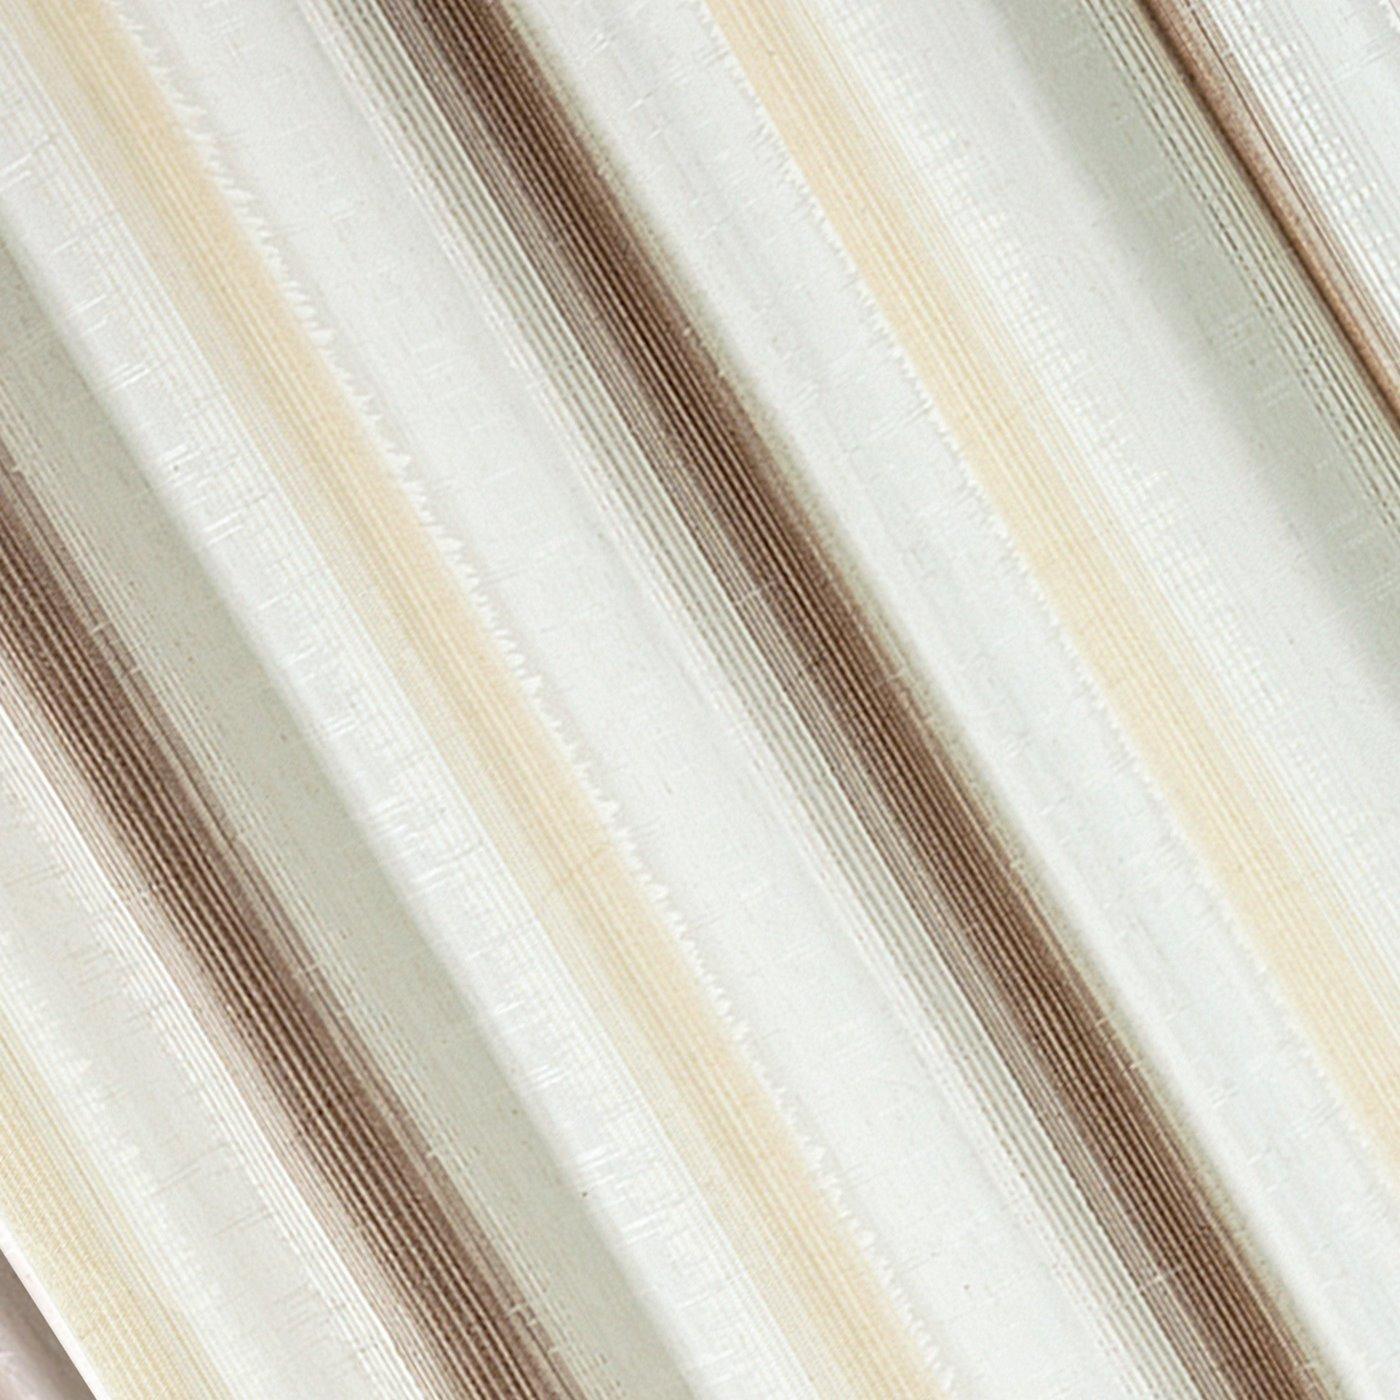 Zasłona w delikatne pionowe pasy brązowa przelotki 140x250cm